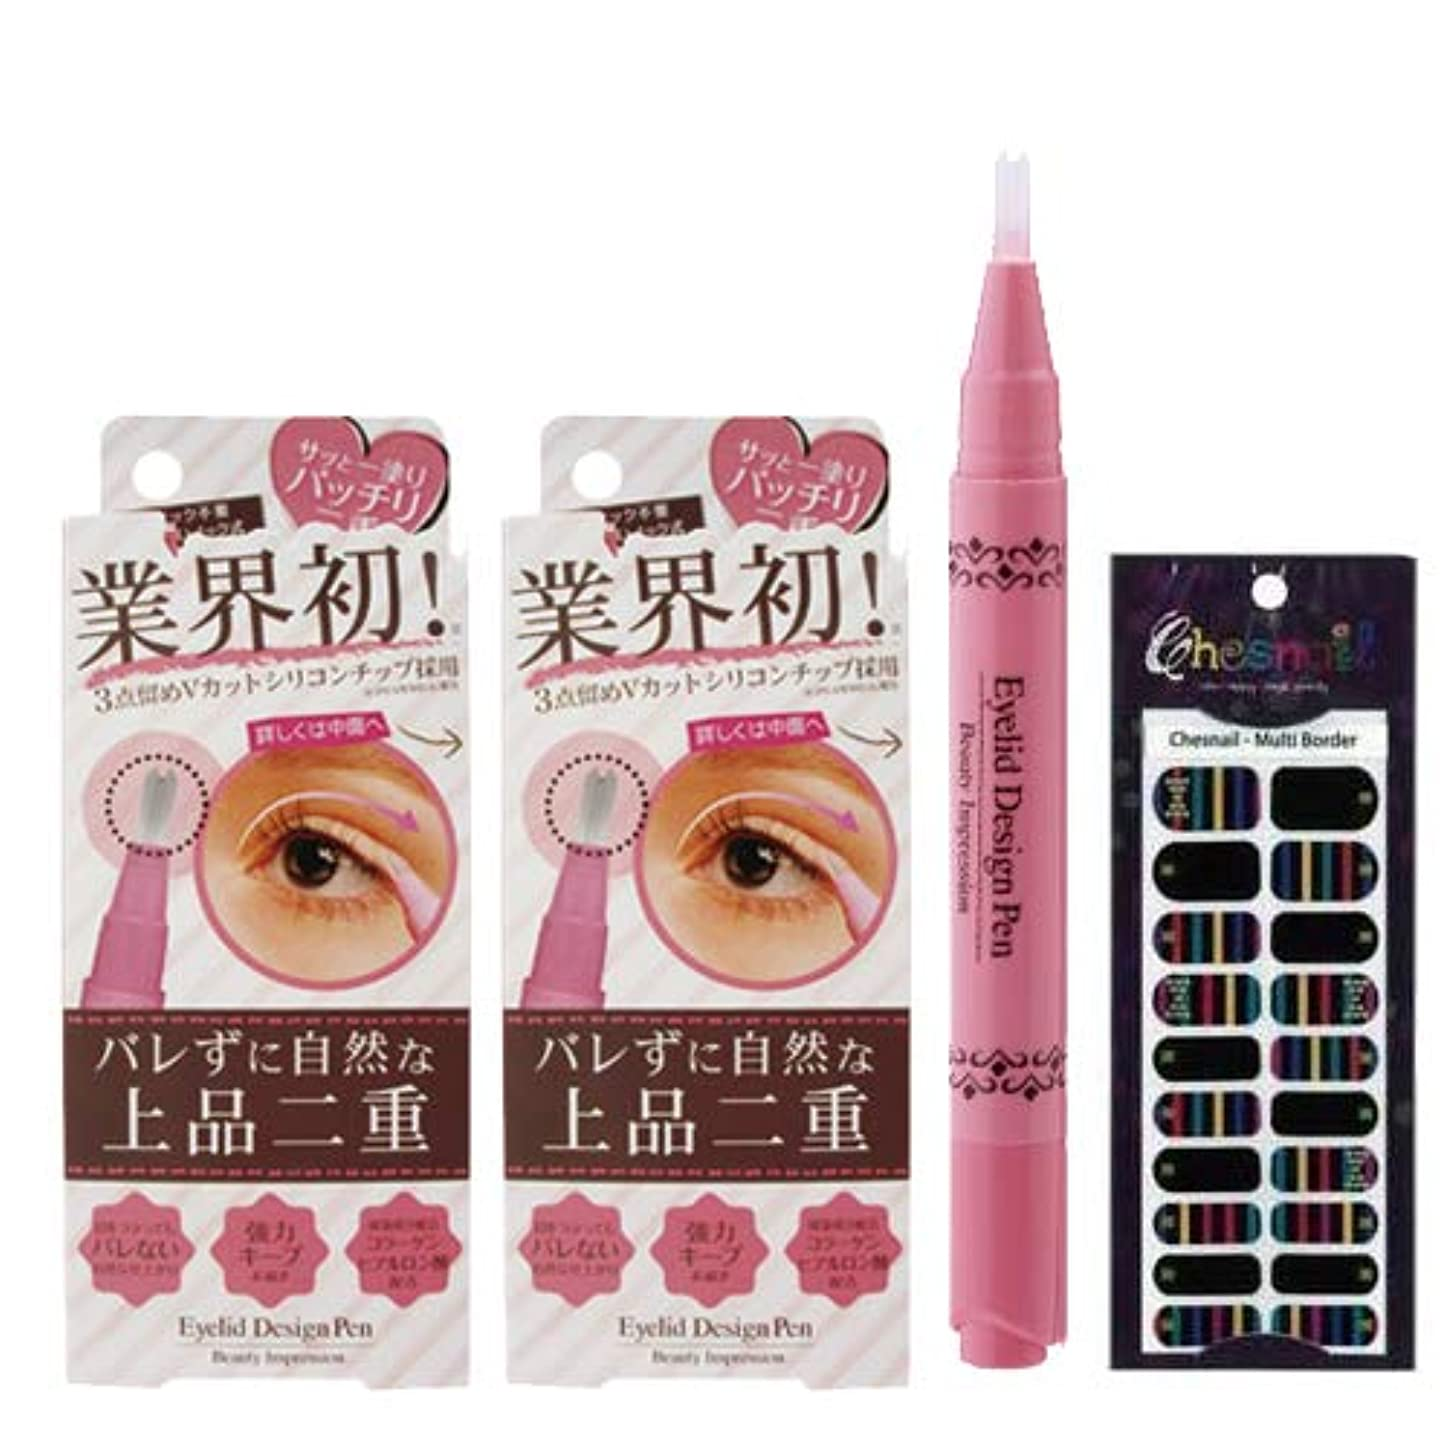 背景書店退屈Beauty Impression アイリッドデザインペン 2ml (二重まぶた形成化粧品) ×2個 + チェスネイル(マルチボーダー)セット